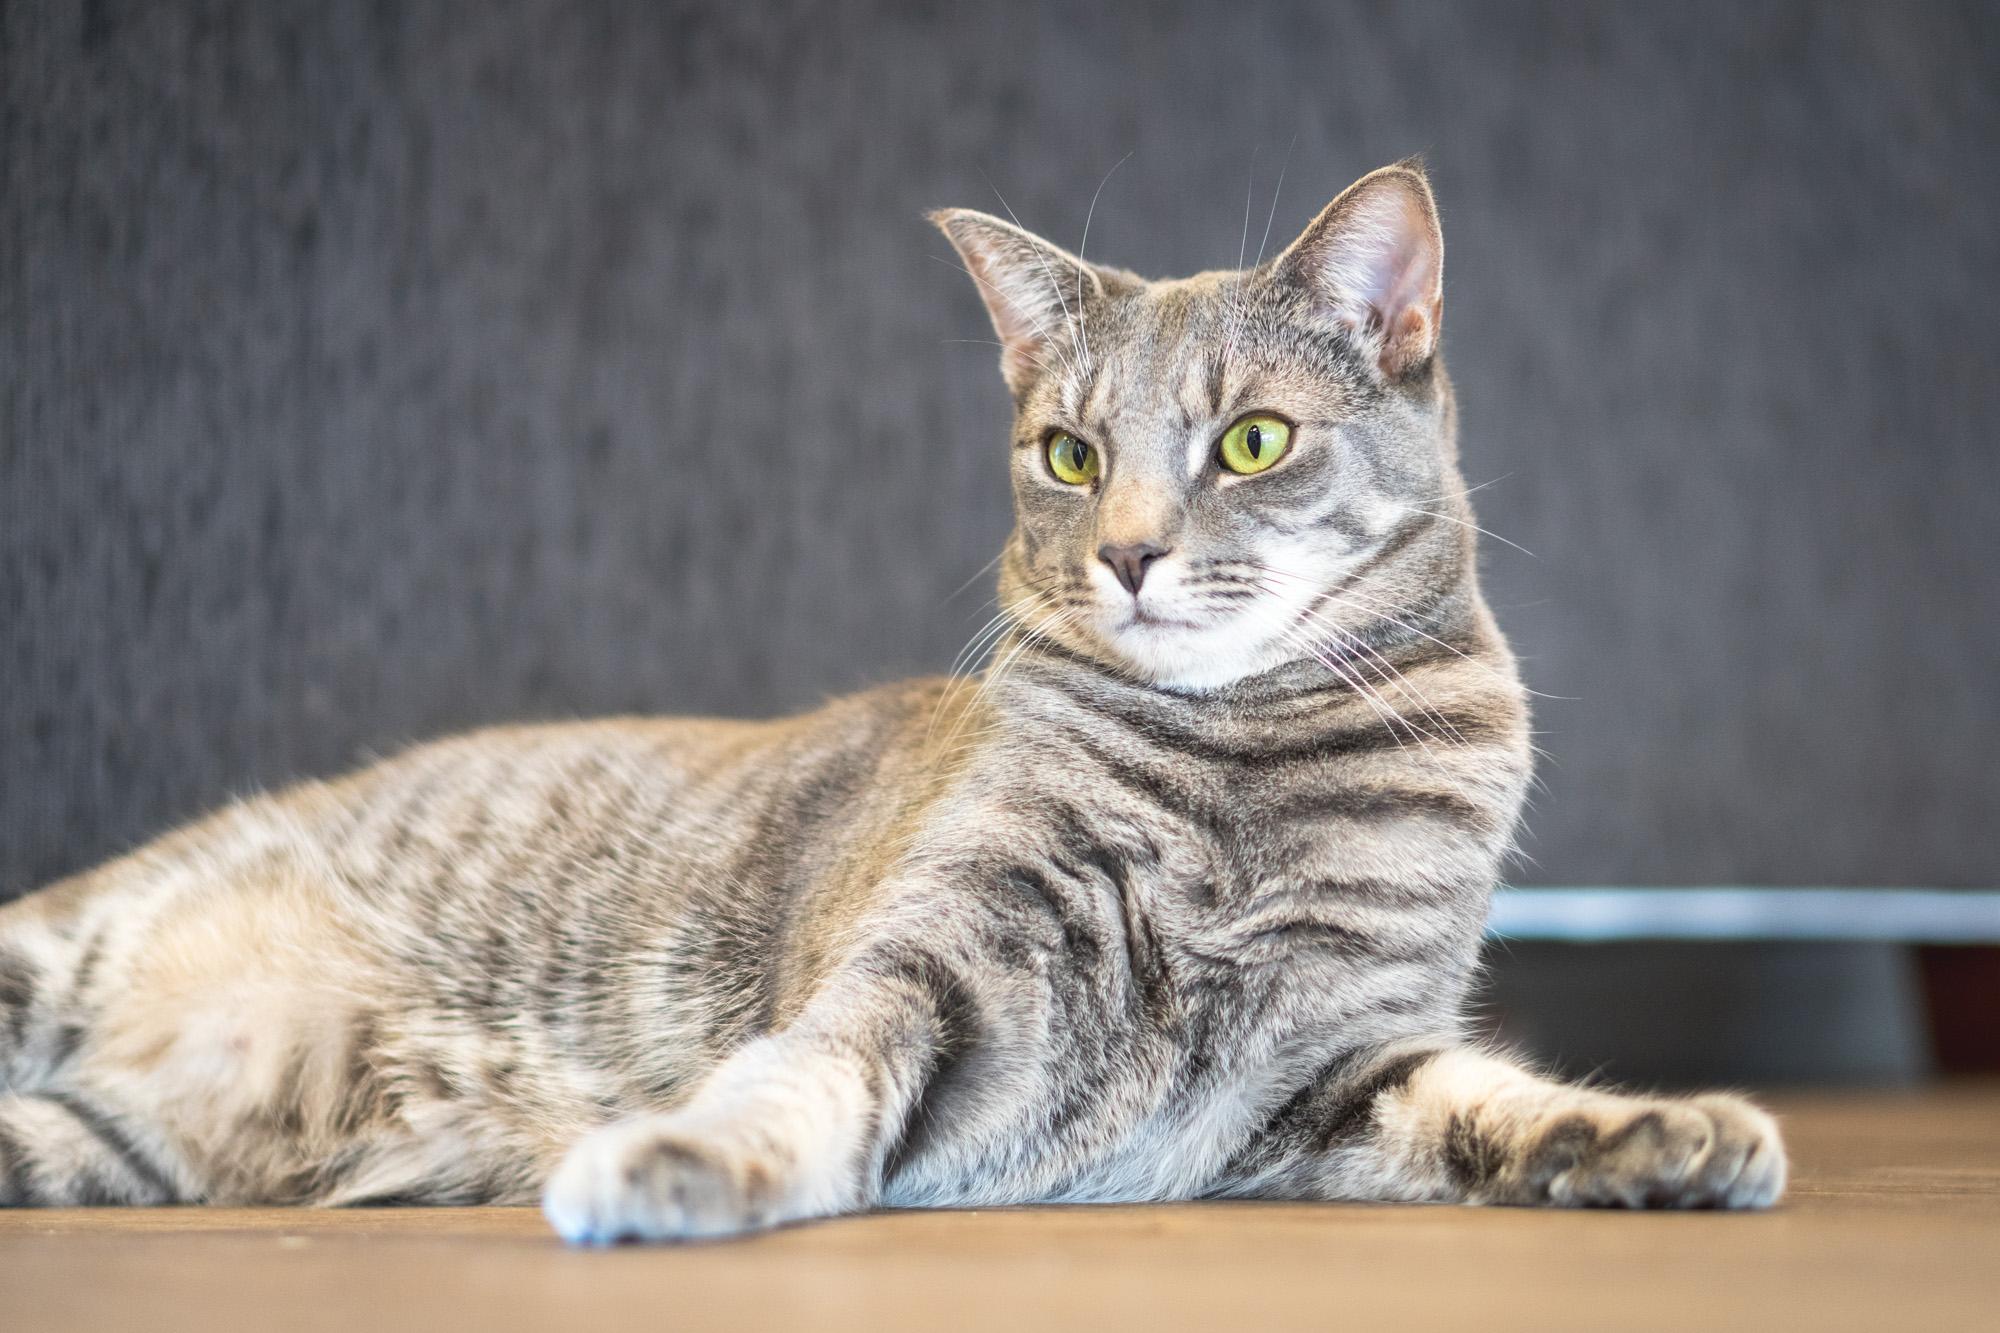 Leo - Adopted 30/4/19